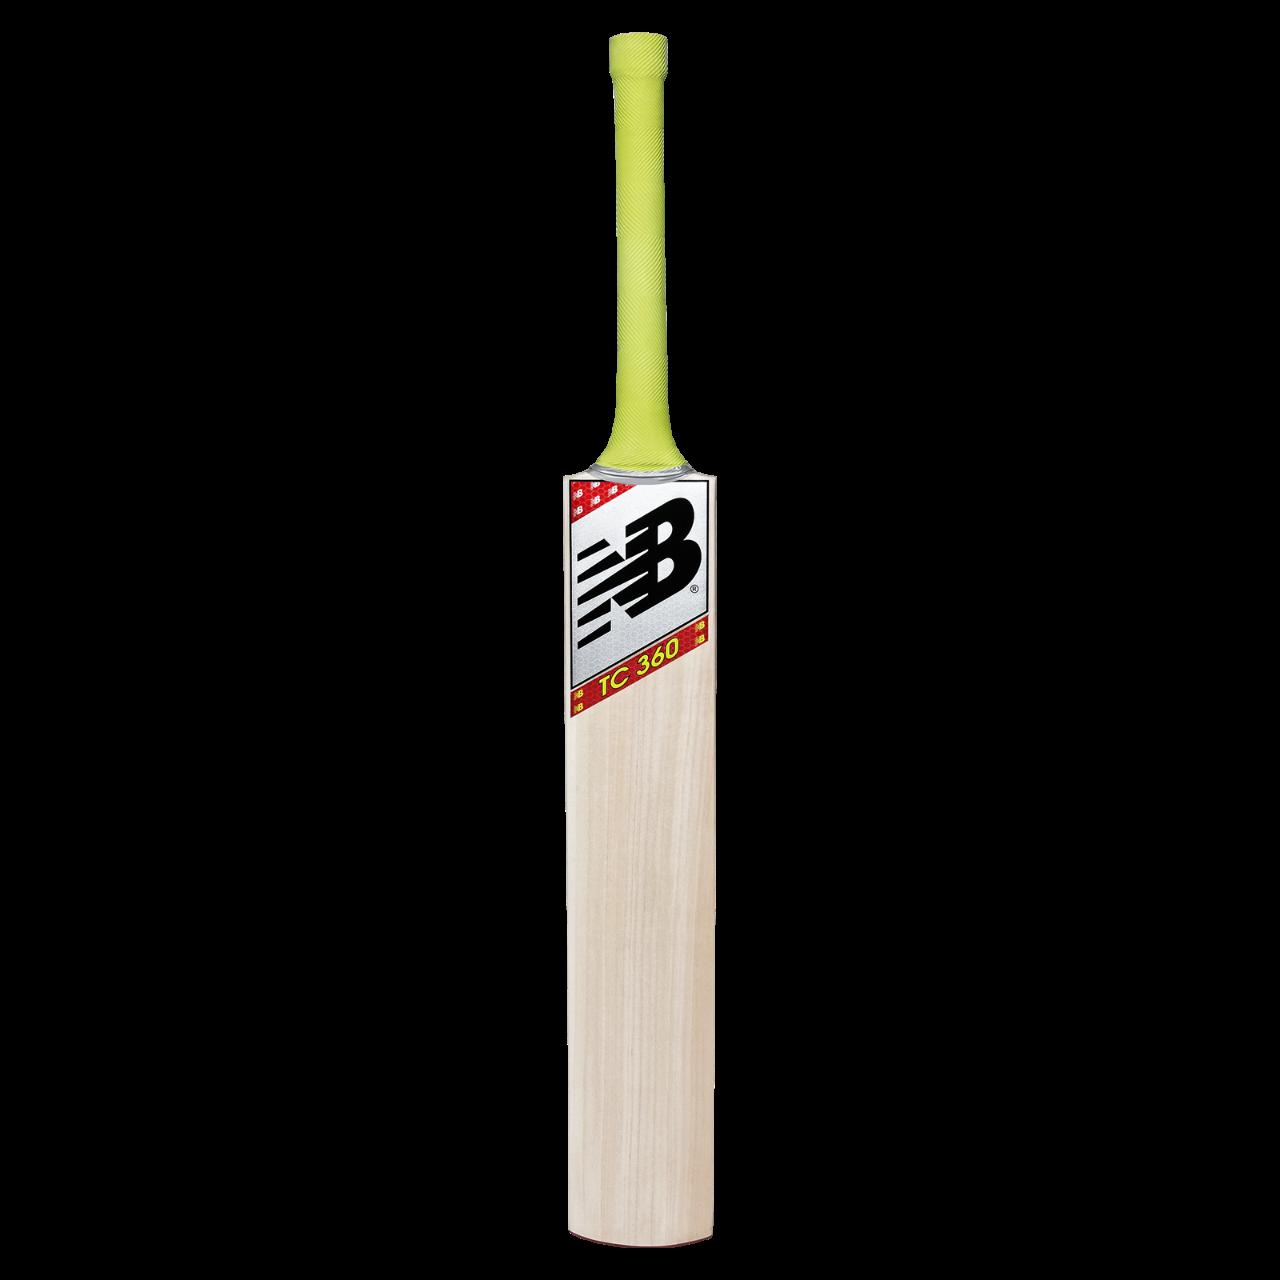 2021 New Balance TC 360 Junior Cricket Bat